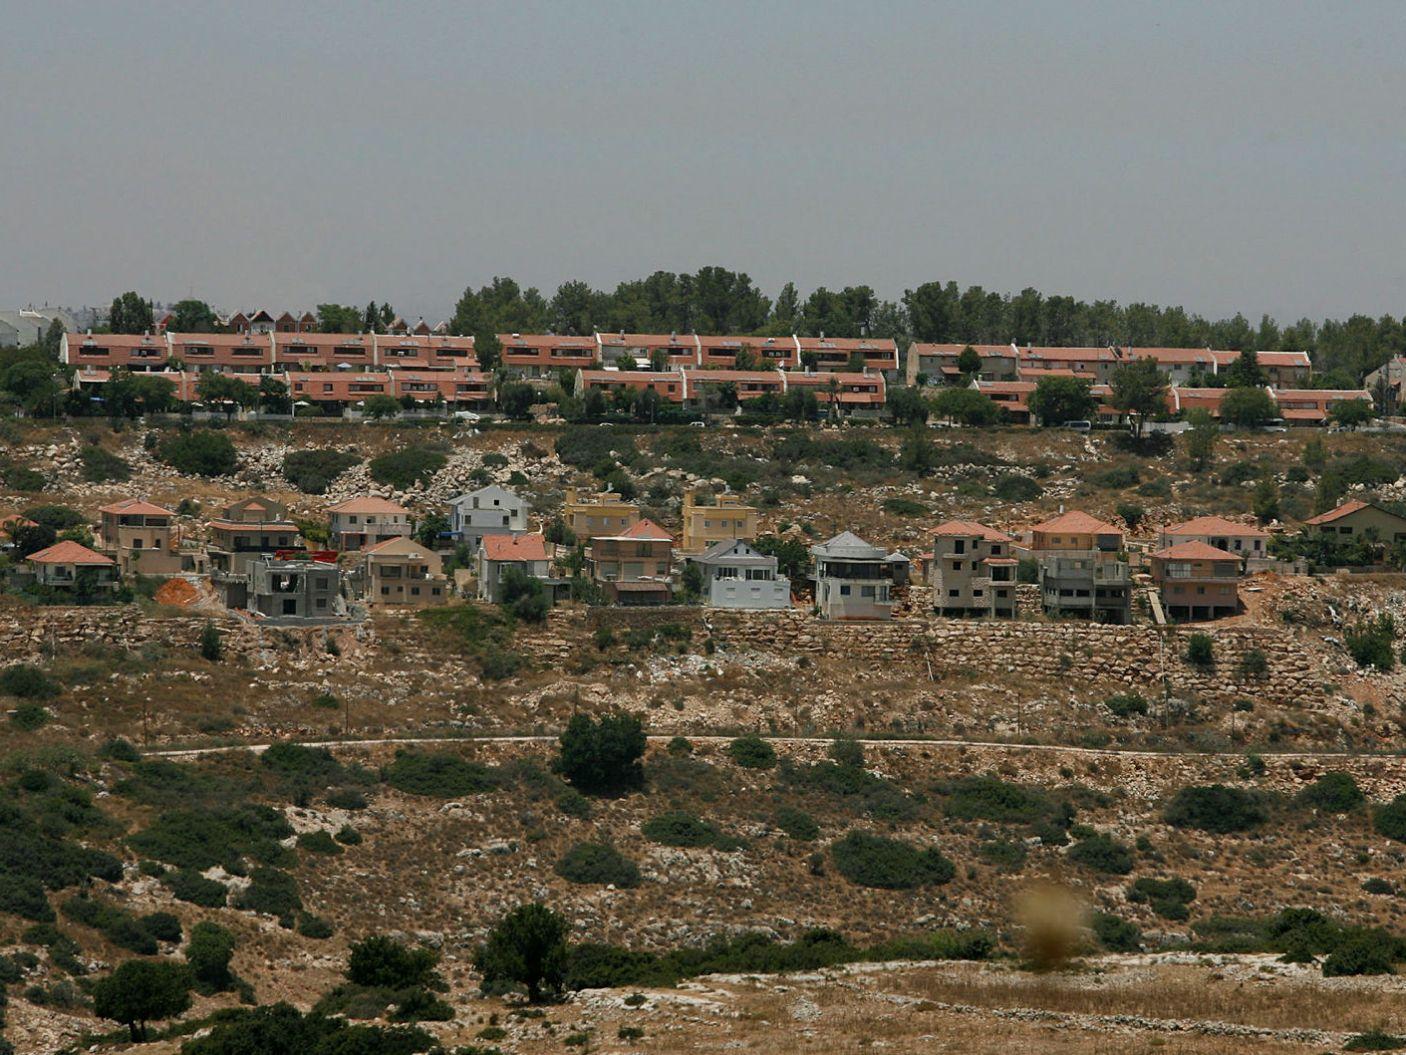 ¿Cuántos colonos judíos necesitan ser evacuados para dar paso a un Estado palestino? – Por Ori Mark (Haaretz)